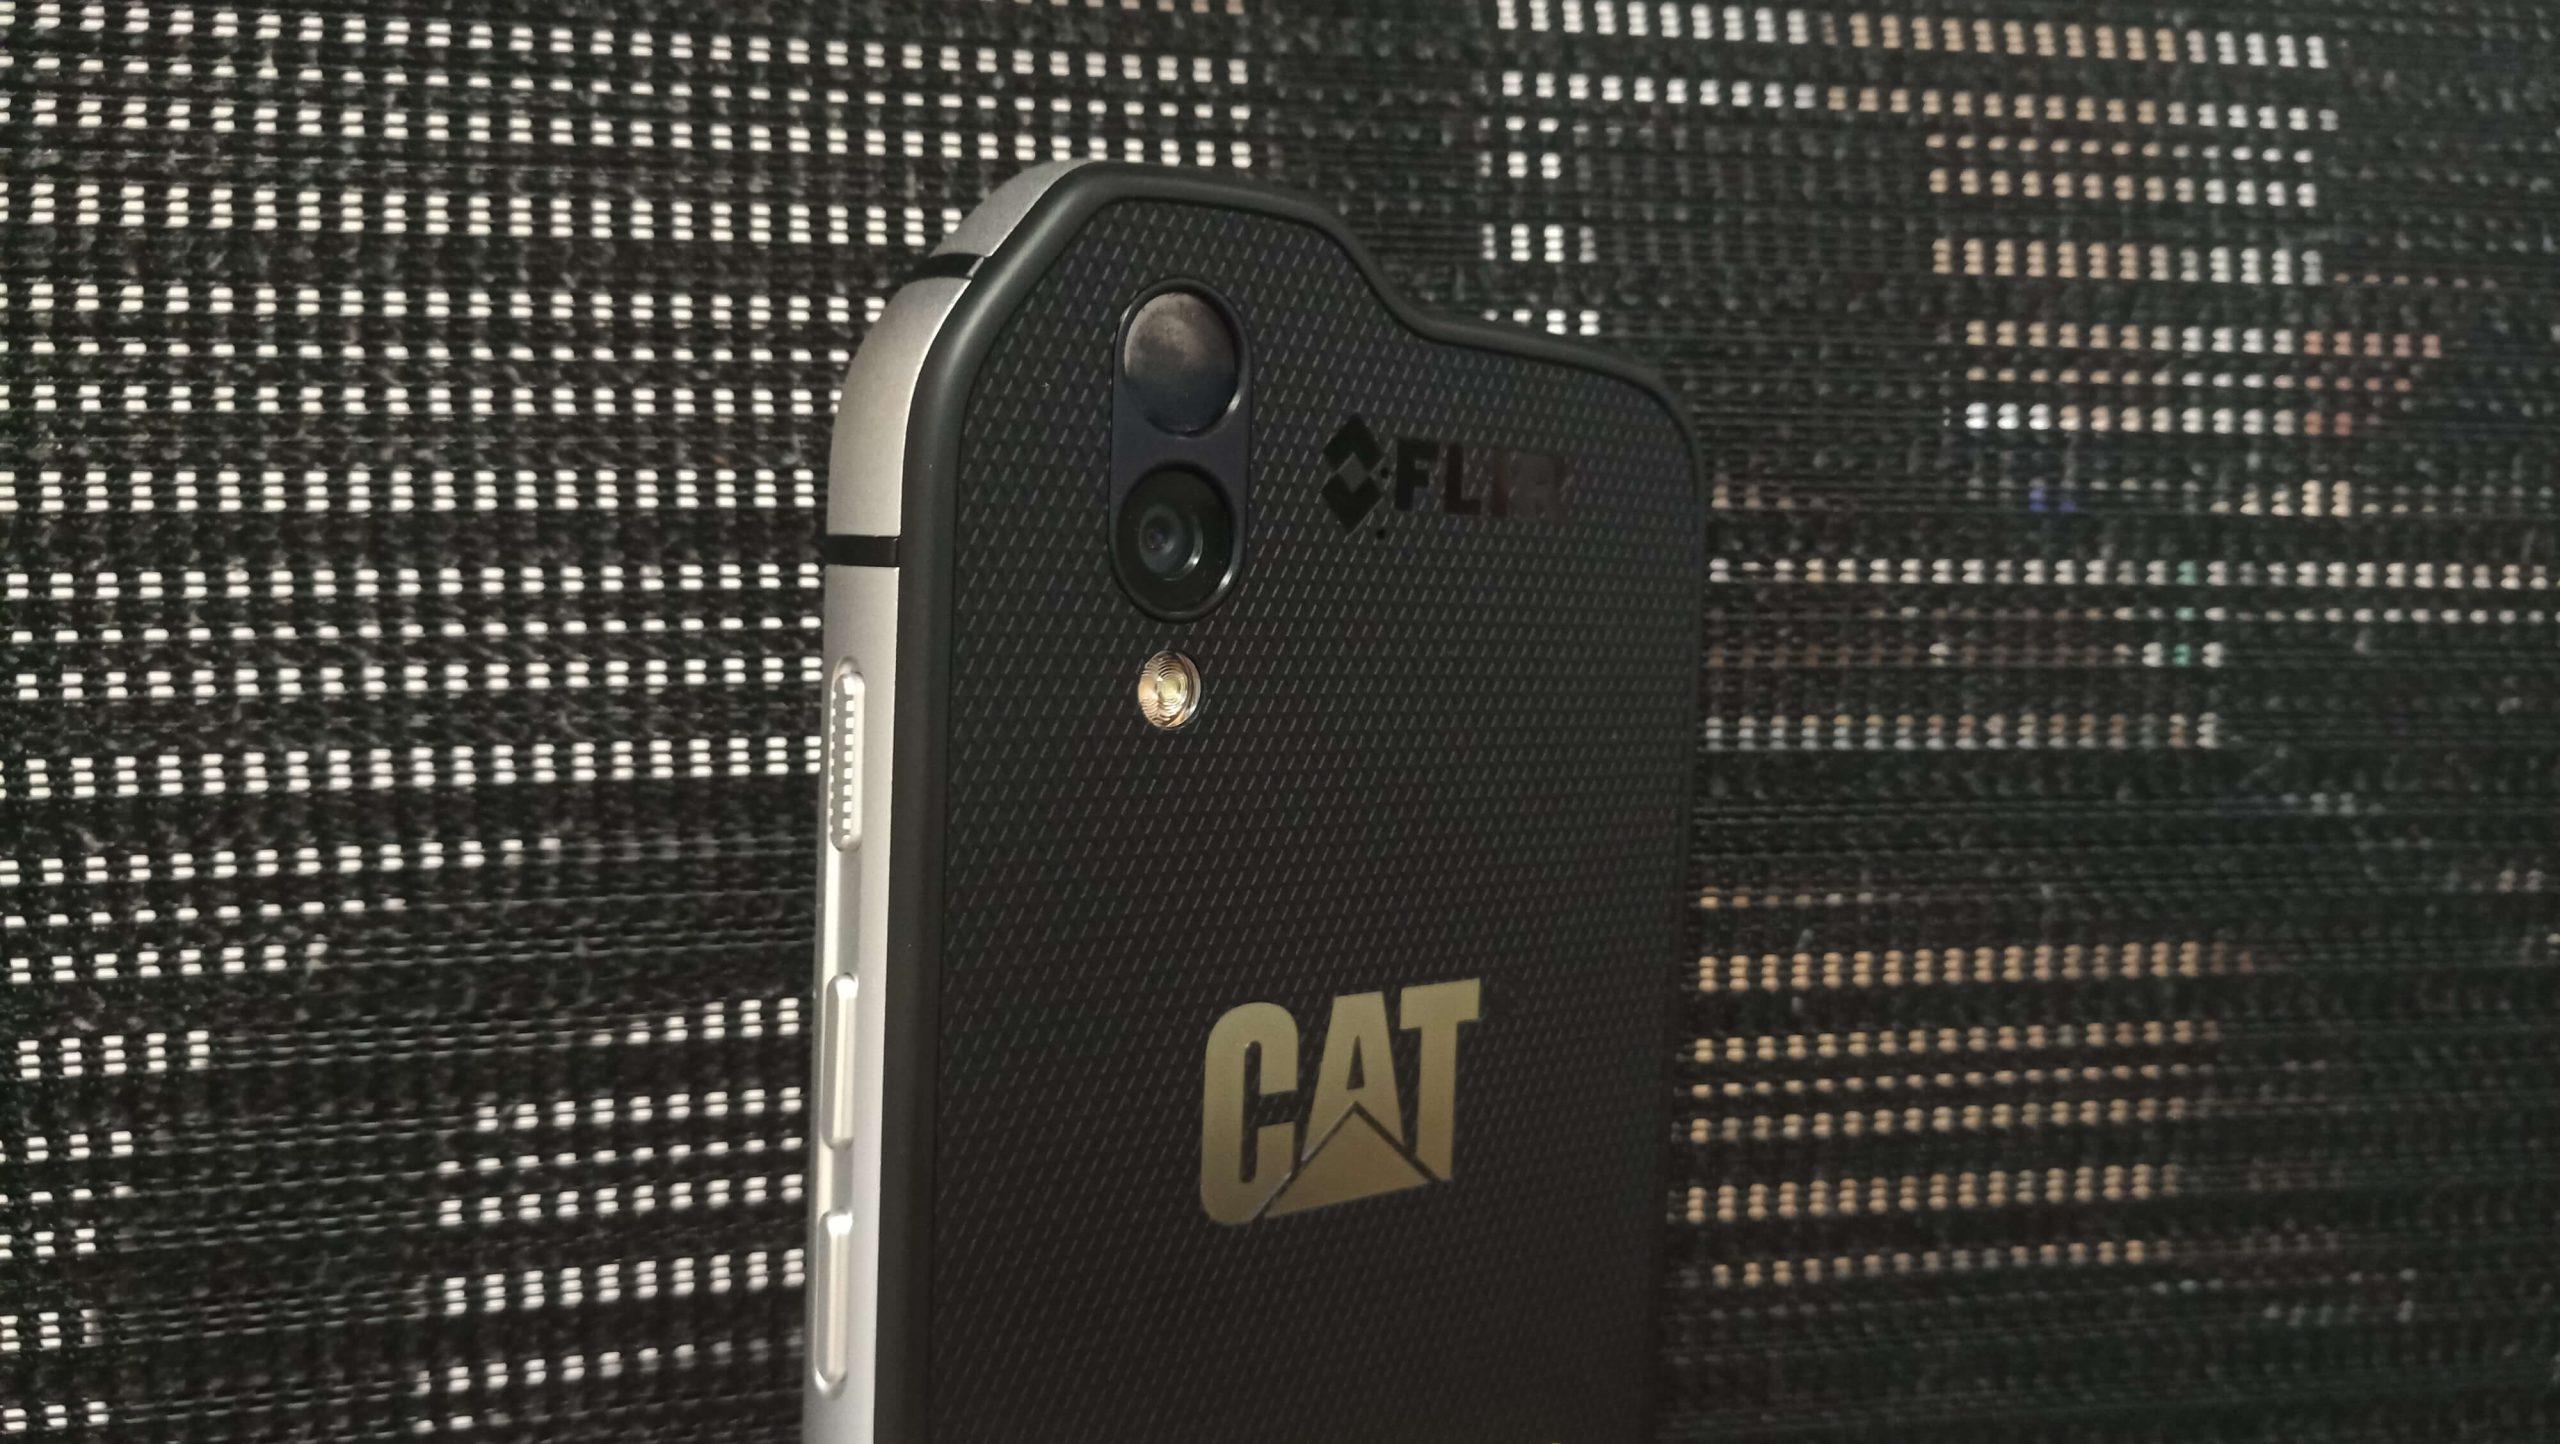 Cat S61 test